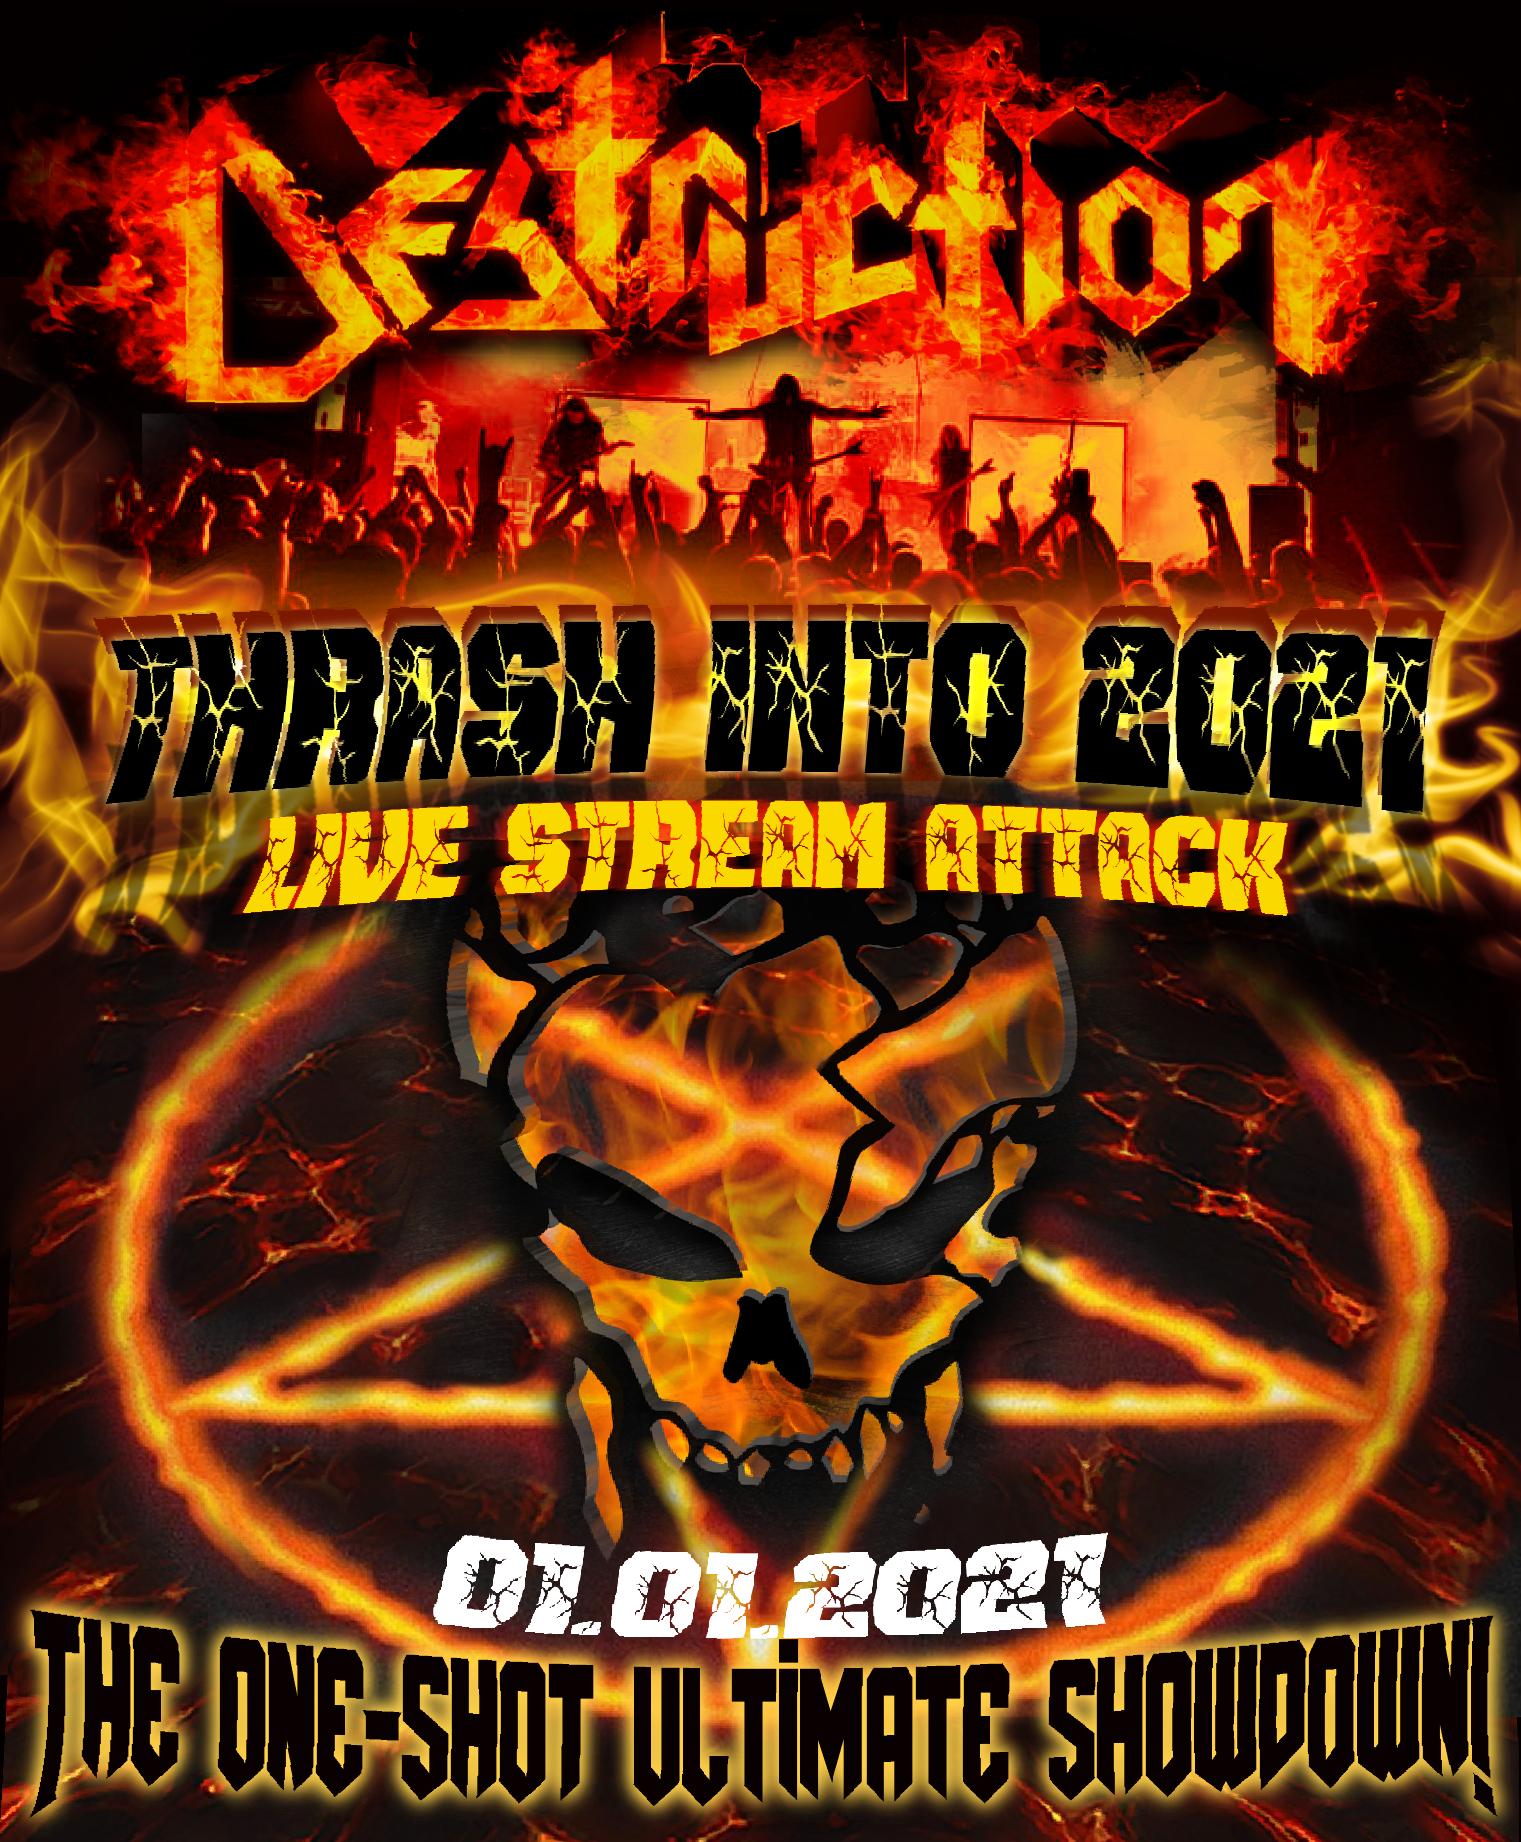 Live Stream Attack 2021